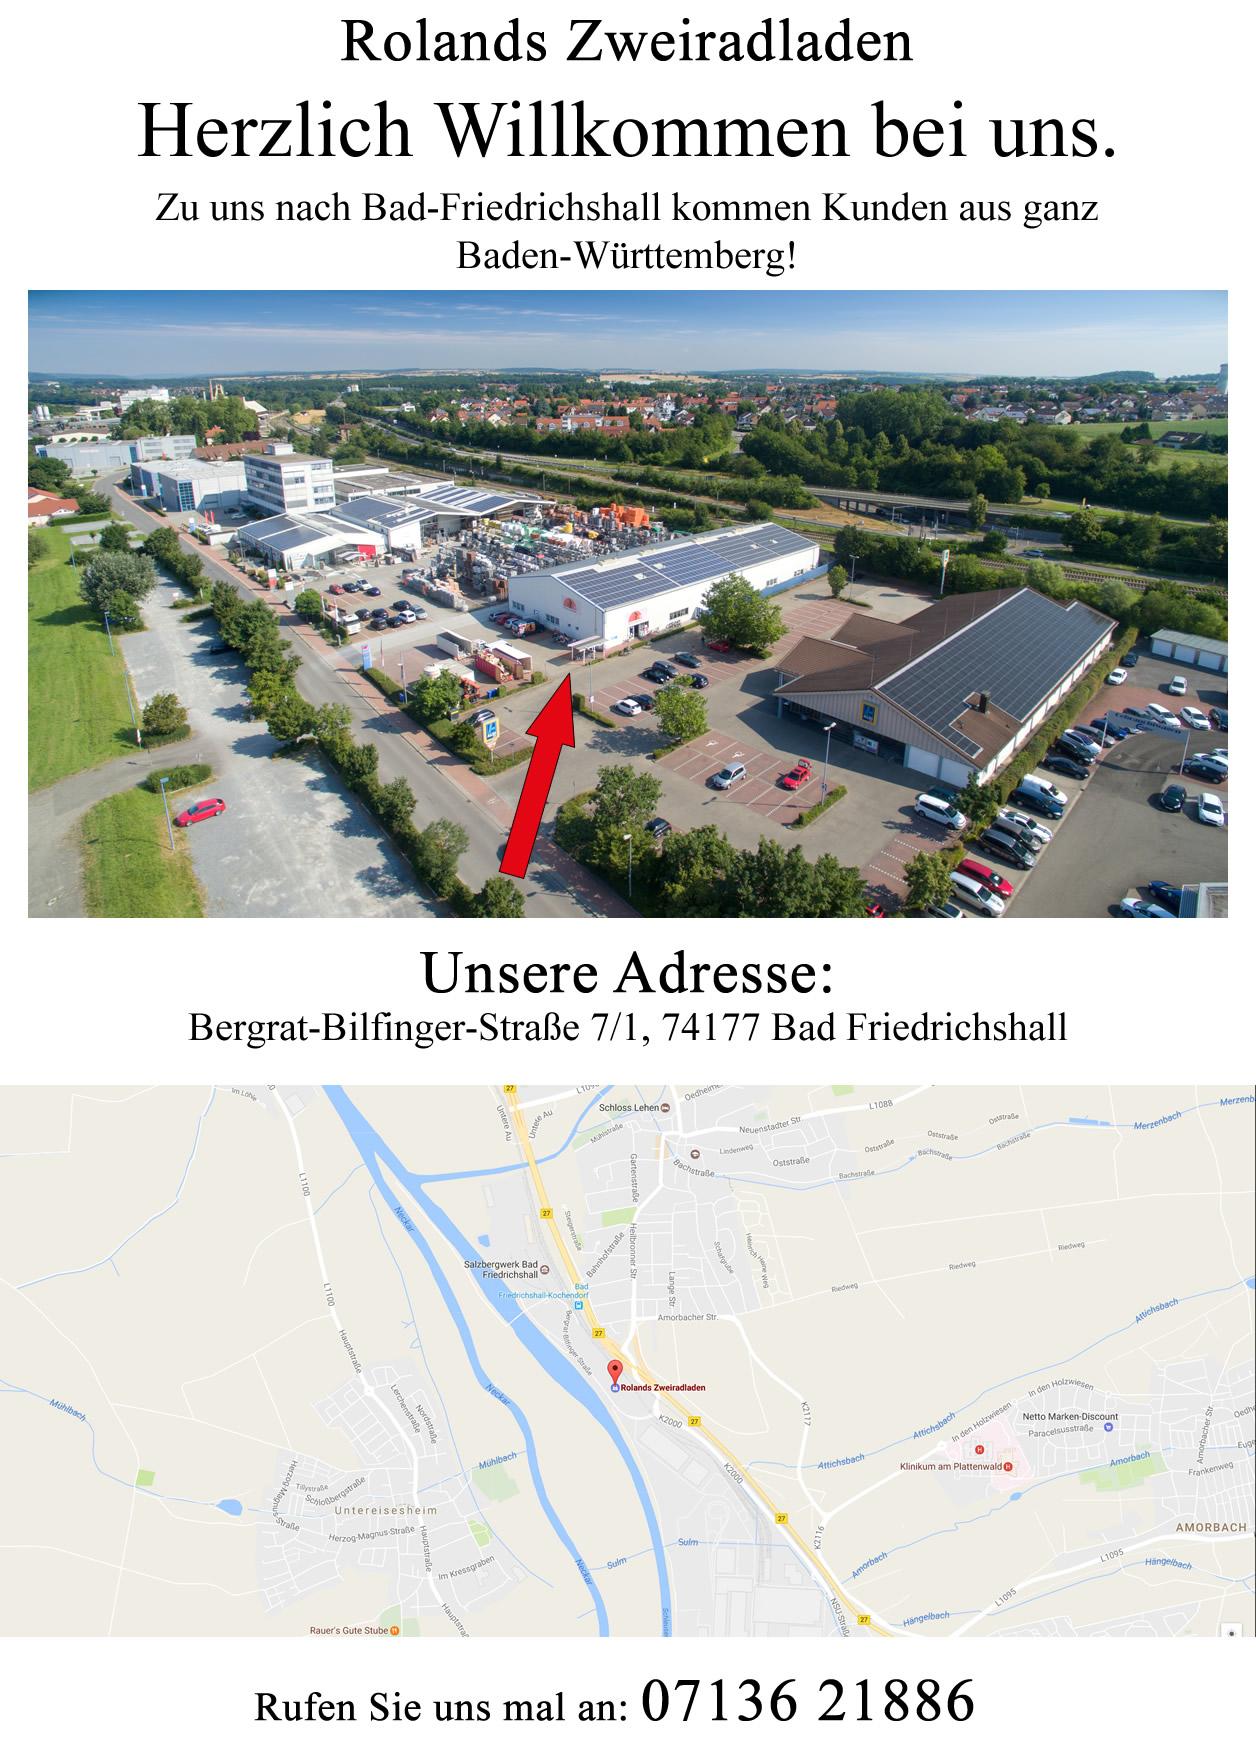 Fahrräder Fachmarkt für  Winnenden, Burgstetten, Allmersbach im Tal, Berglen, Affalterbach, Remshalden, Waiblingen oder Leutenbach, Schwaikheim, Korb